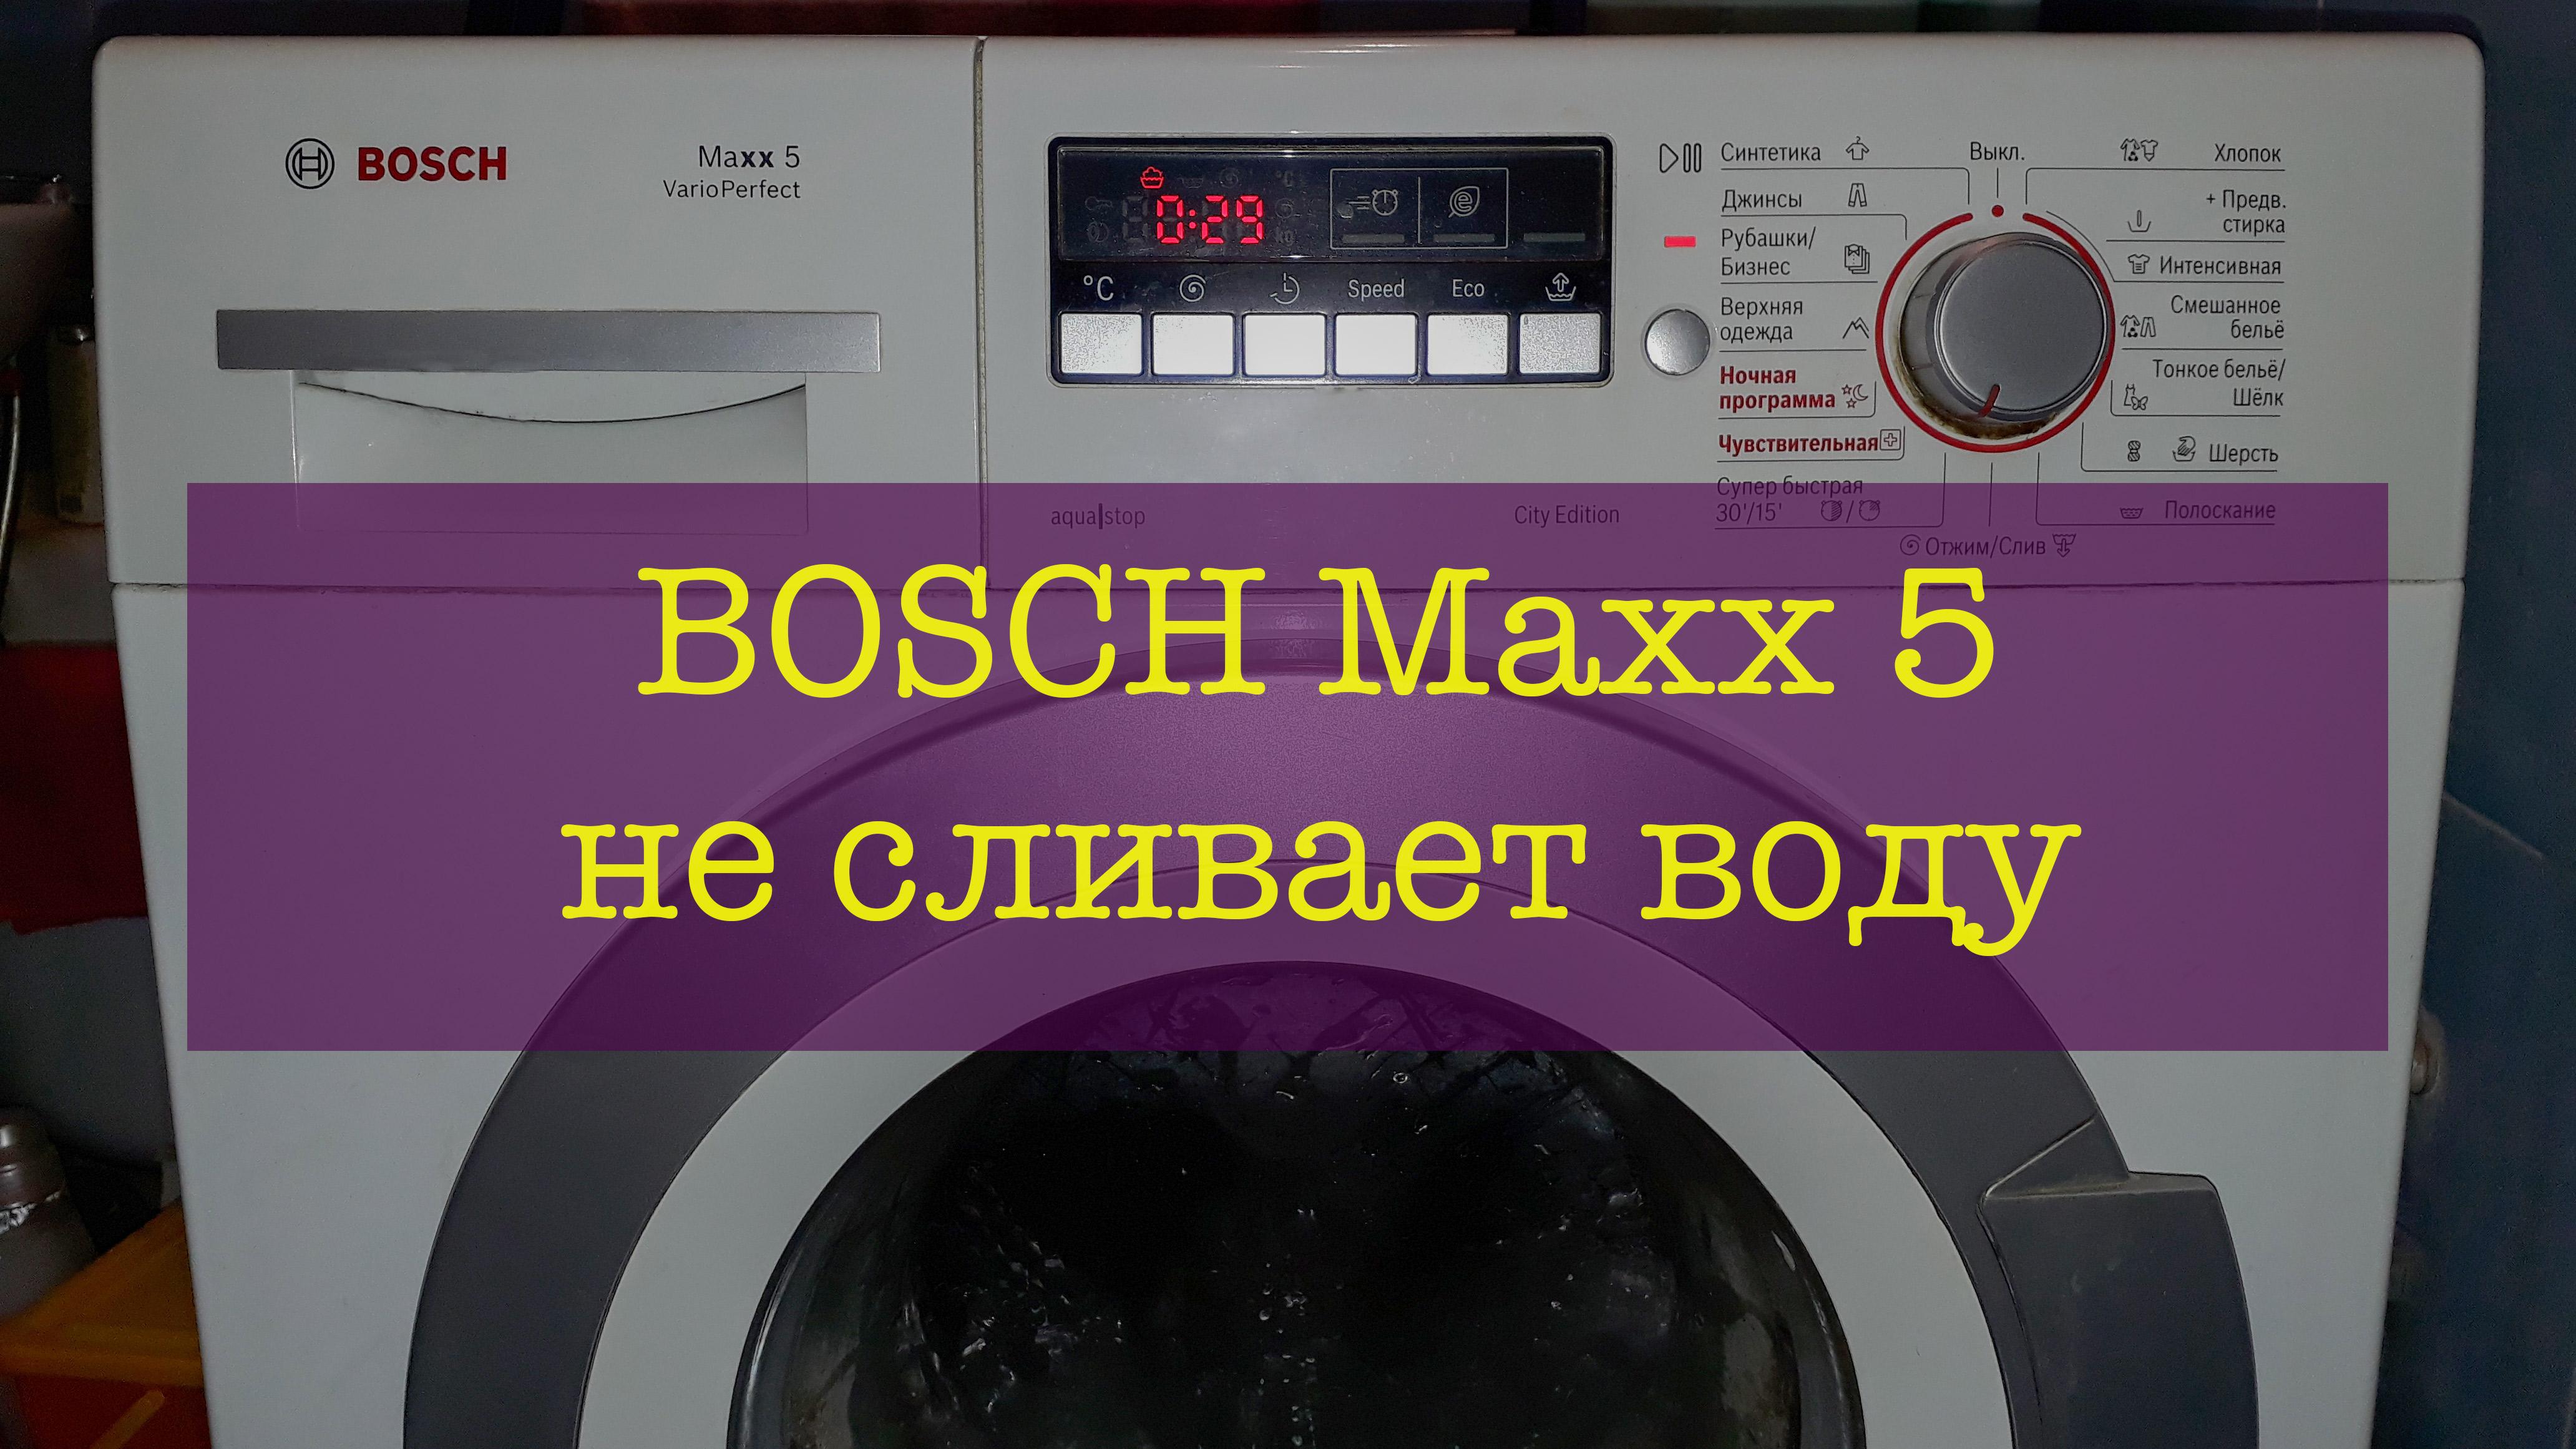 Бош макс 5 ремонт стиральных машин своими руками 17